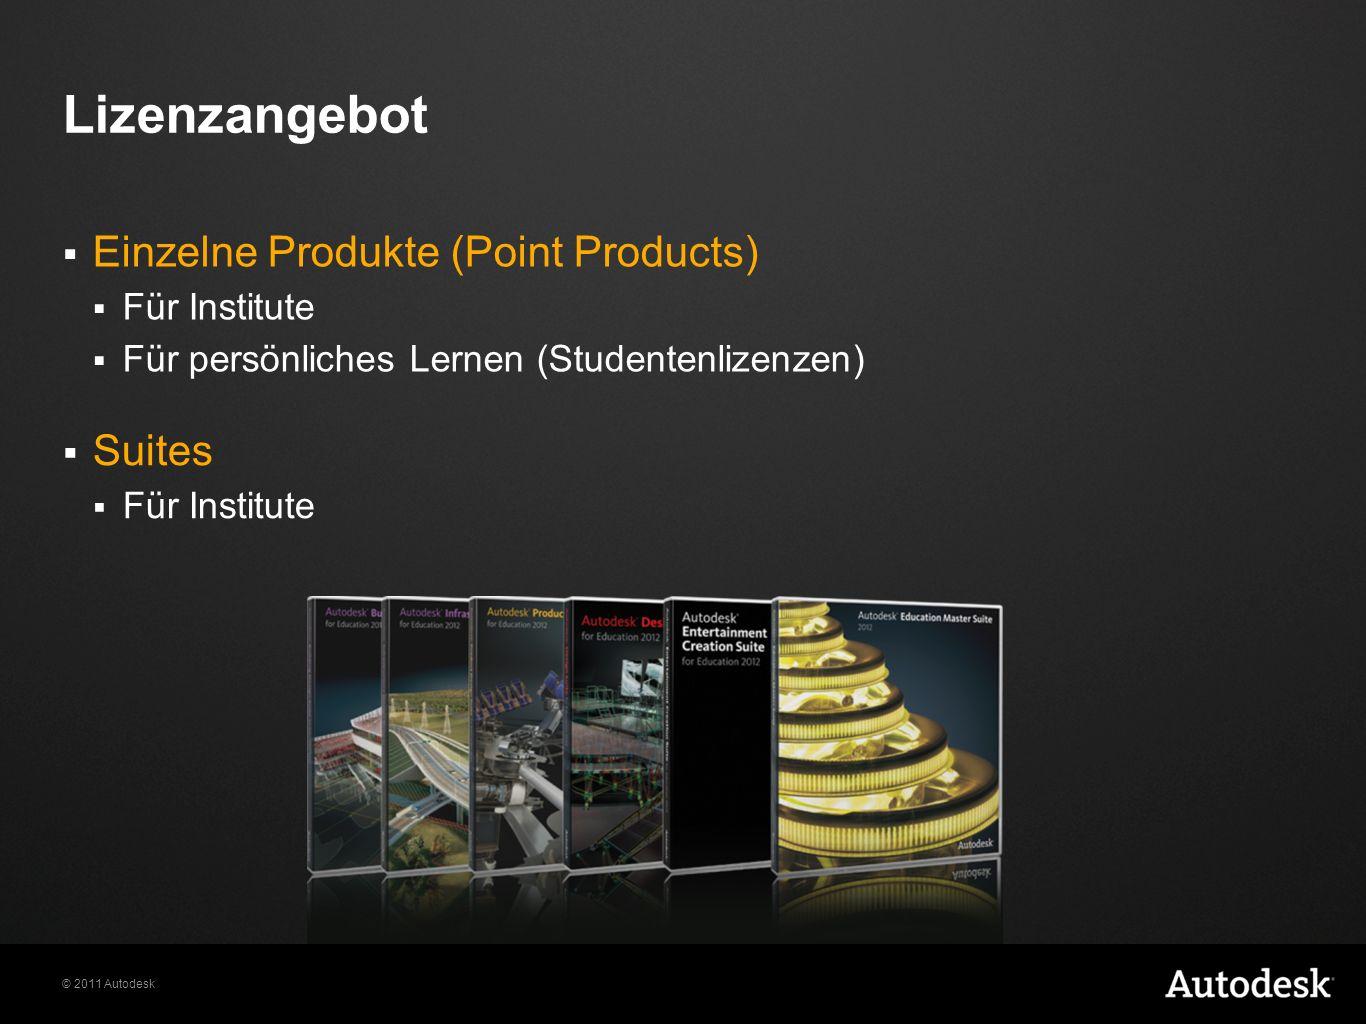 © 2011 Autodesk Lizenzangebot Einzelne Produkte (Point Products) Für Institute Für persönliches Lernen (Studentenlizenzen) Suites Für Institute